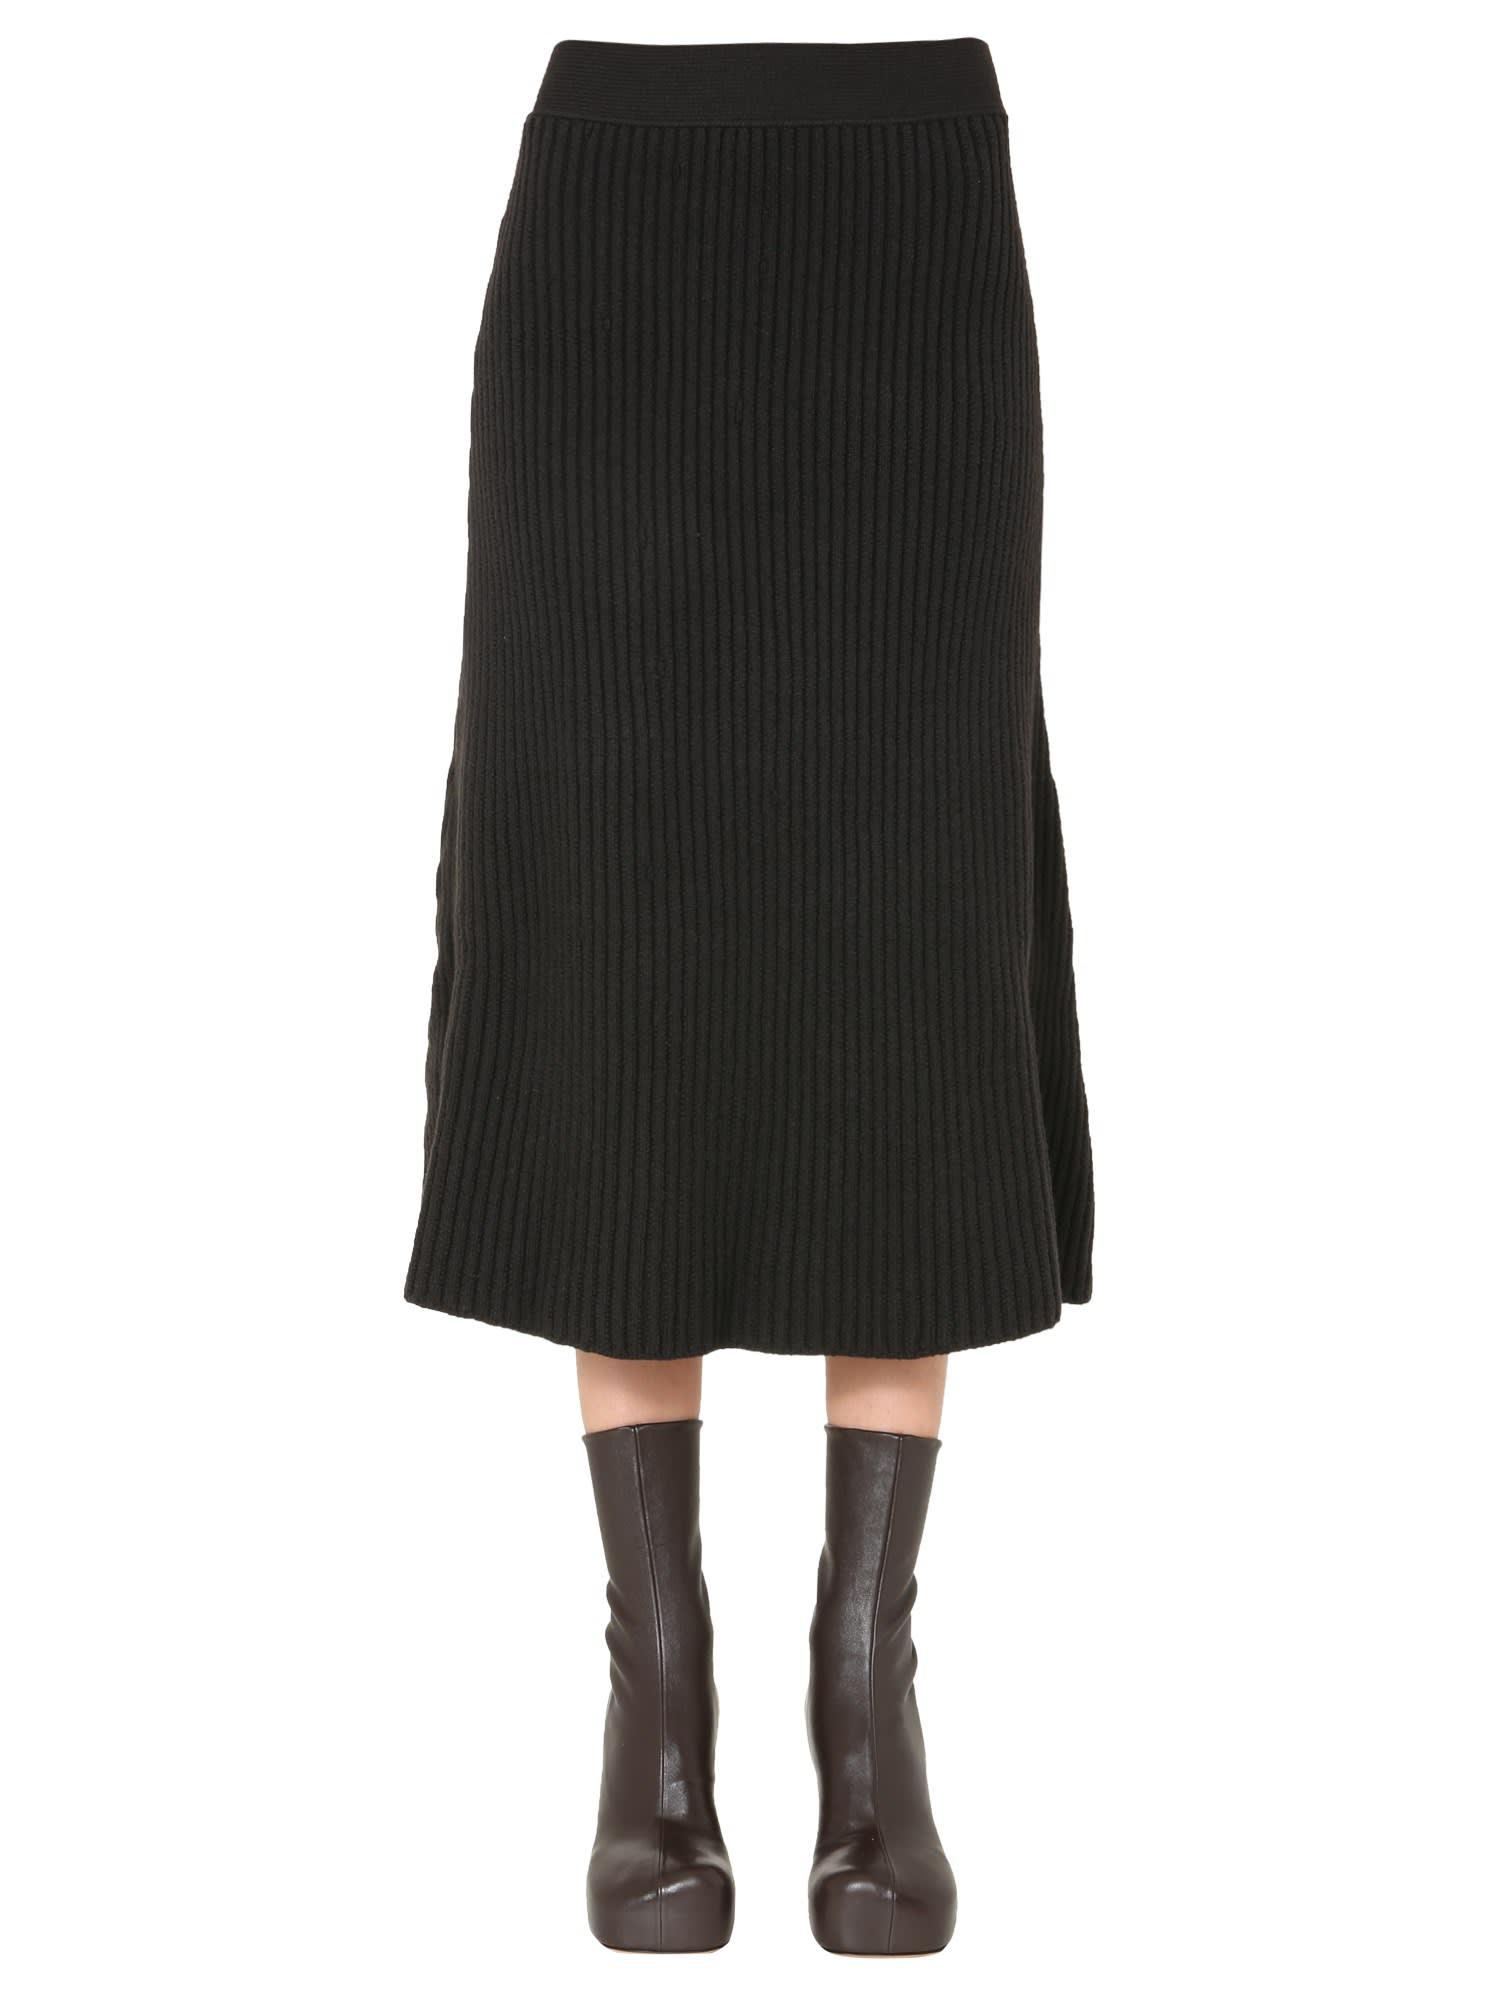 Bottega Veneta Midi Skirt